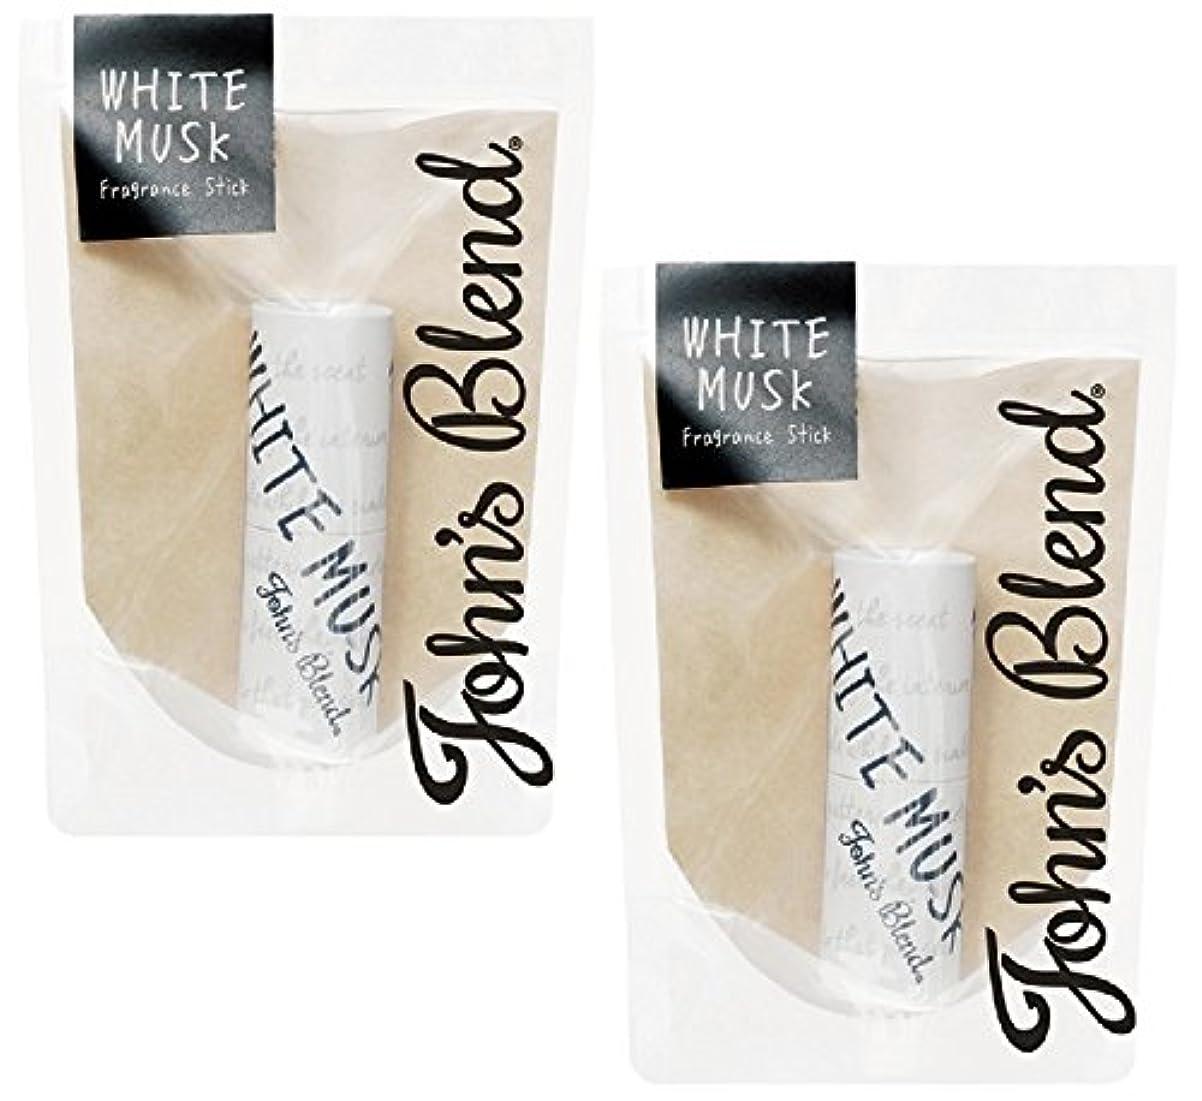 お父さんクラブしなやか【2個セット】Johns Blend 練り香水 フレグランス スティック ホワイトムスク の香り OZ-JOD-3-1